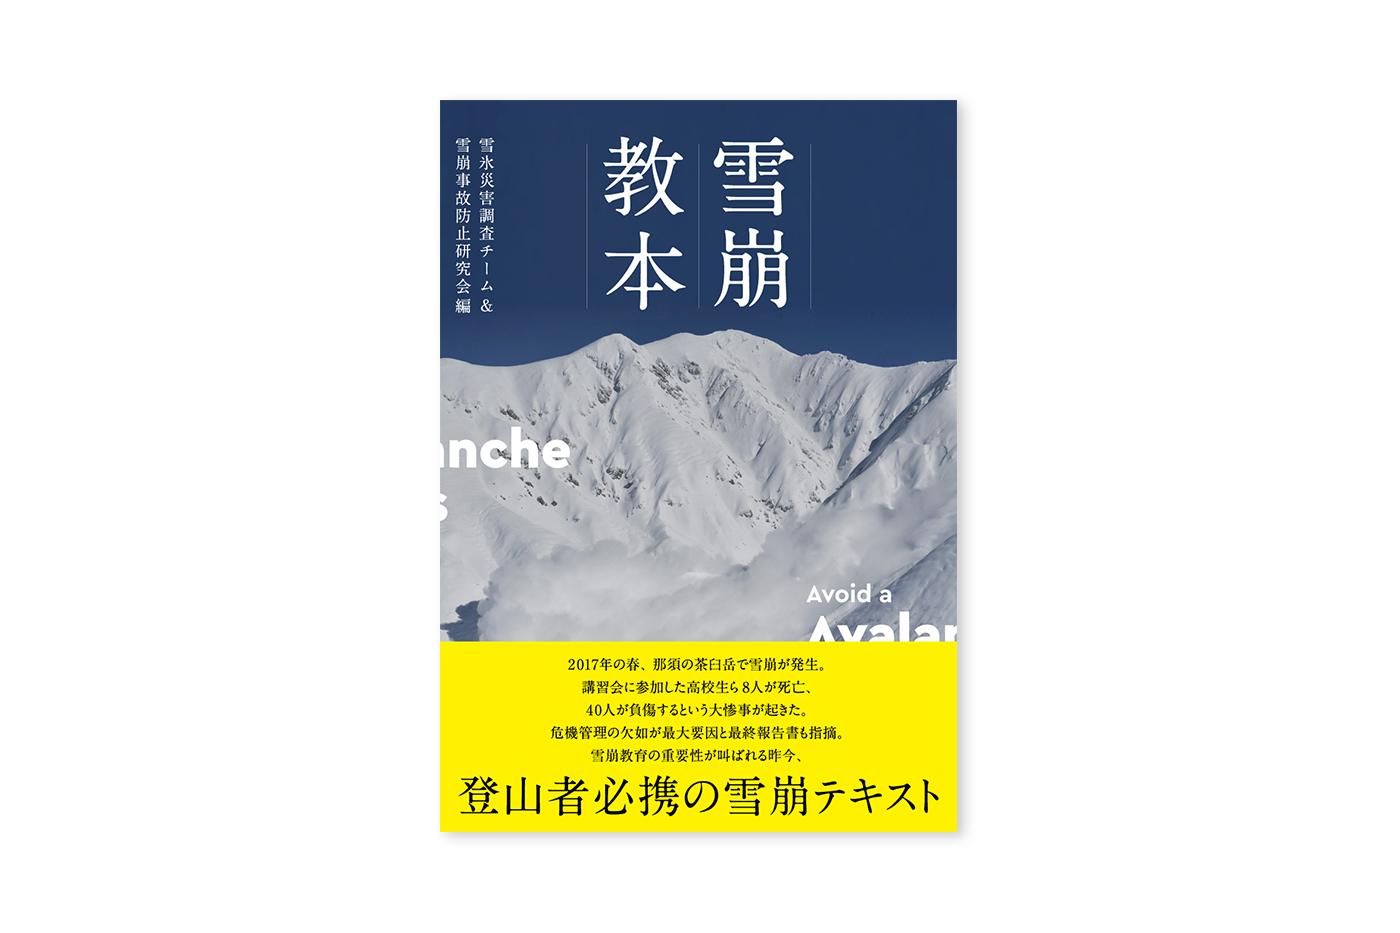 雪崩_hyoushi_obi